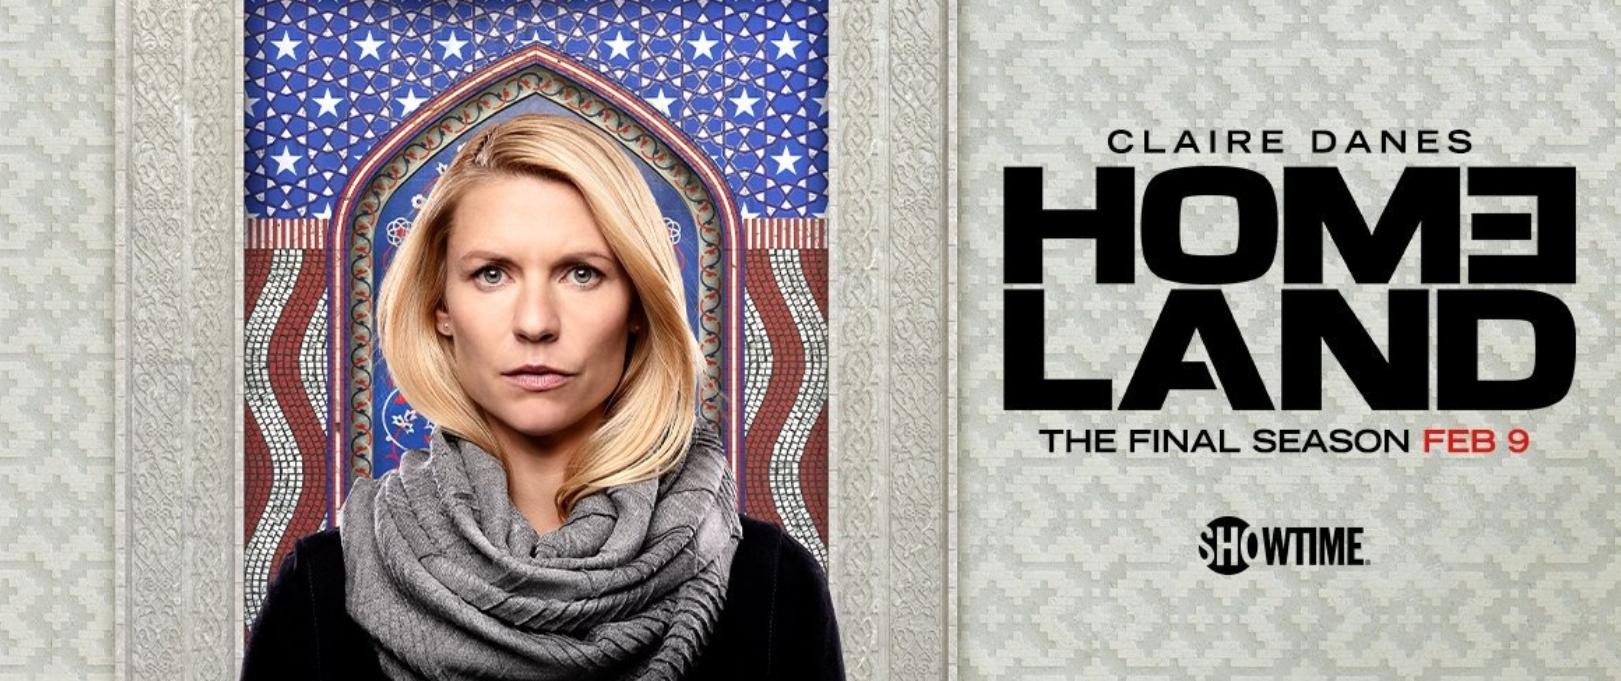 homelands8-banner